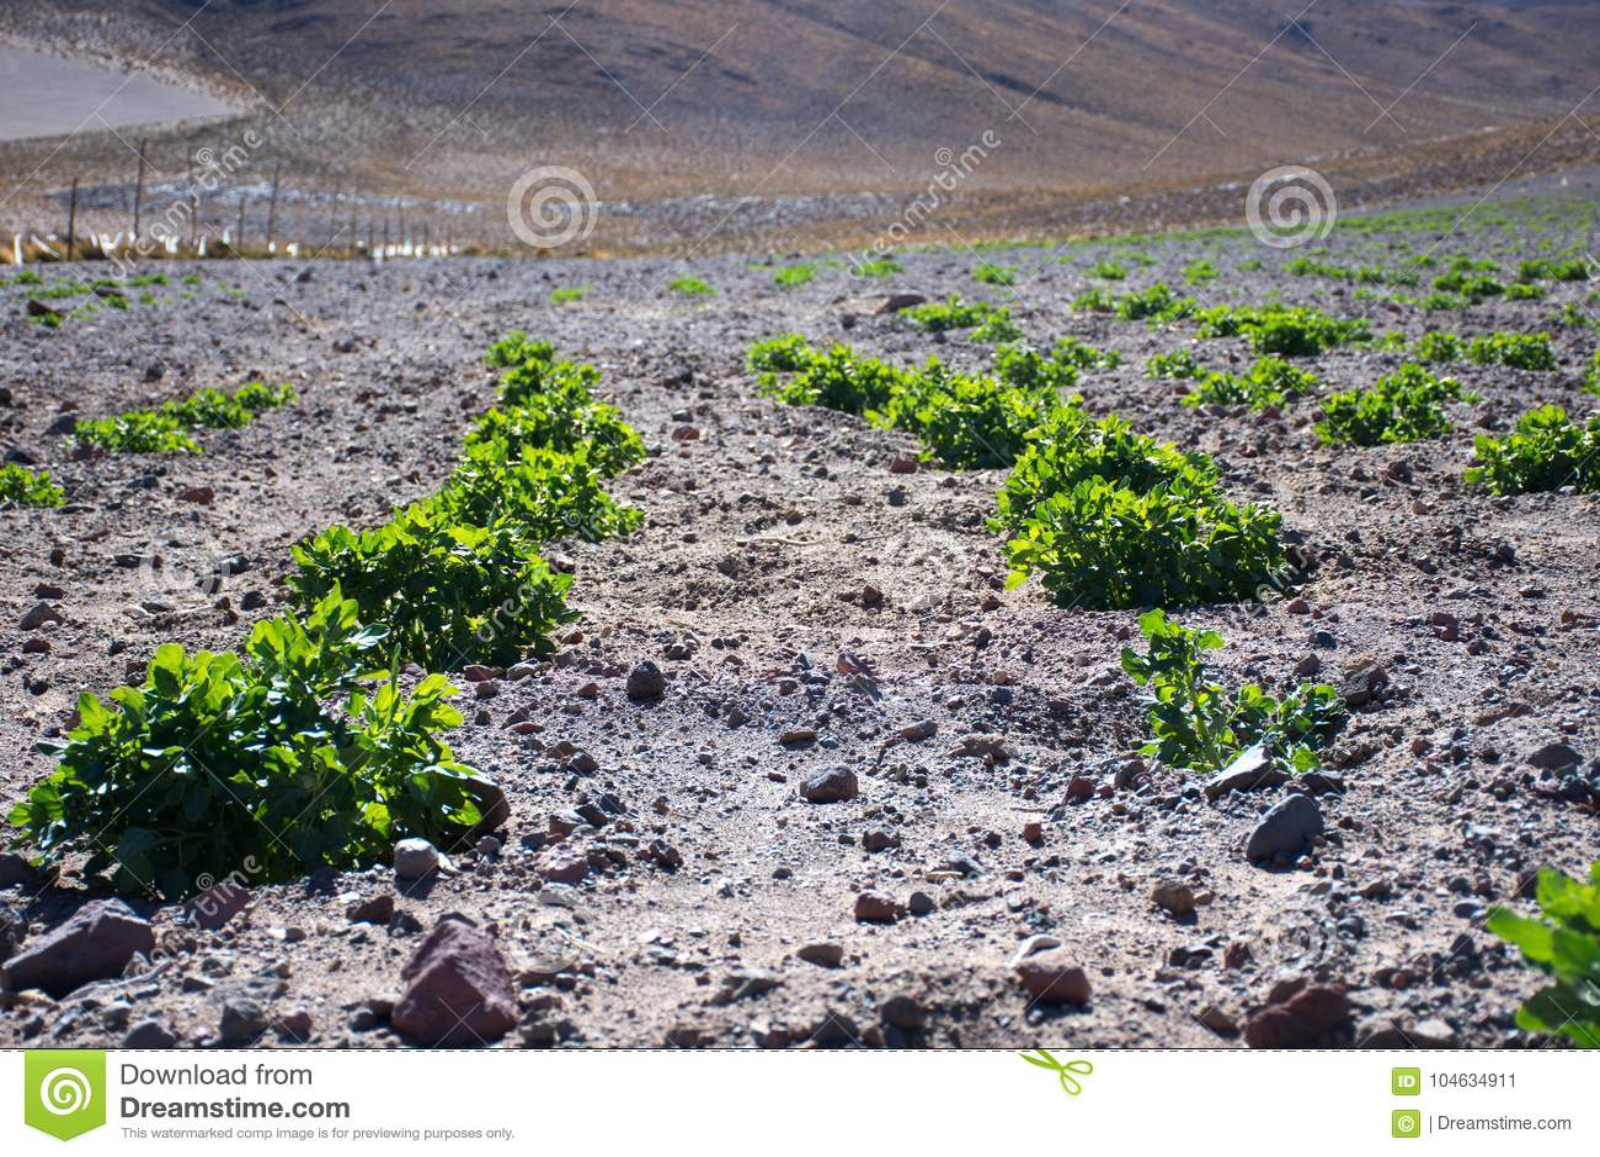 Download Quinoa, De Landbouw, Boerderij Stock Afbeelding - Afbeelding bestaande uit plantaardig, platteland: 104634911